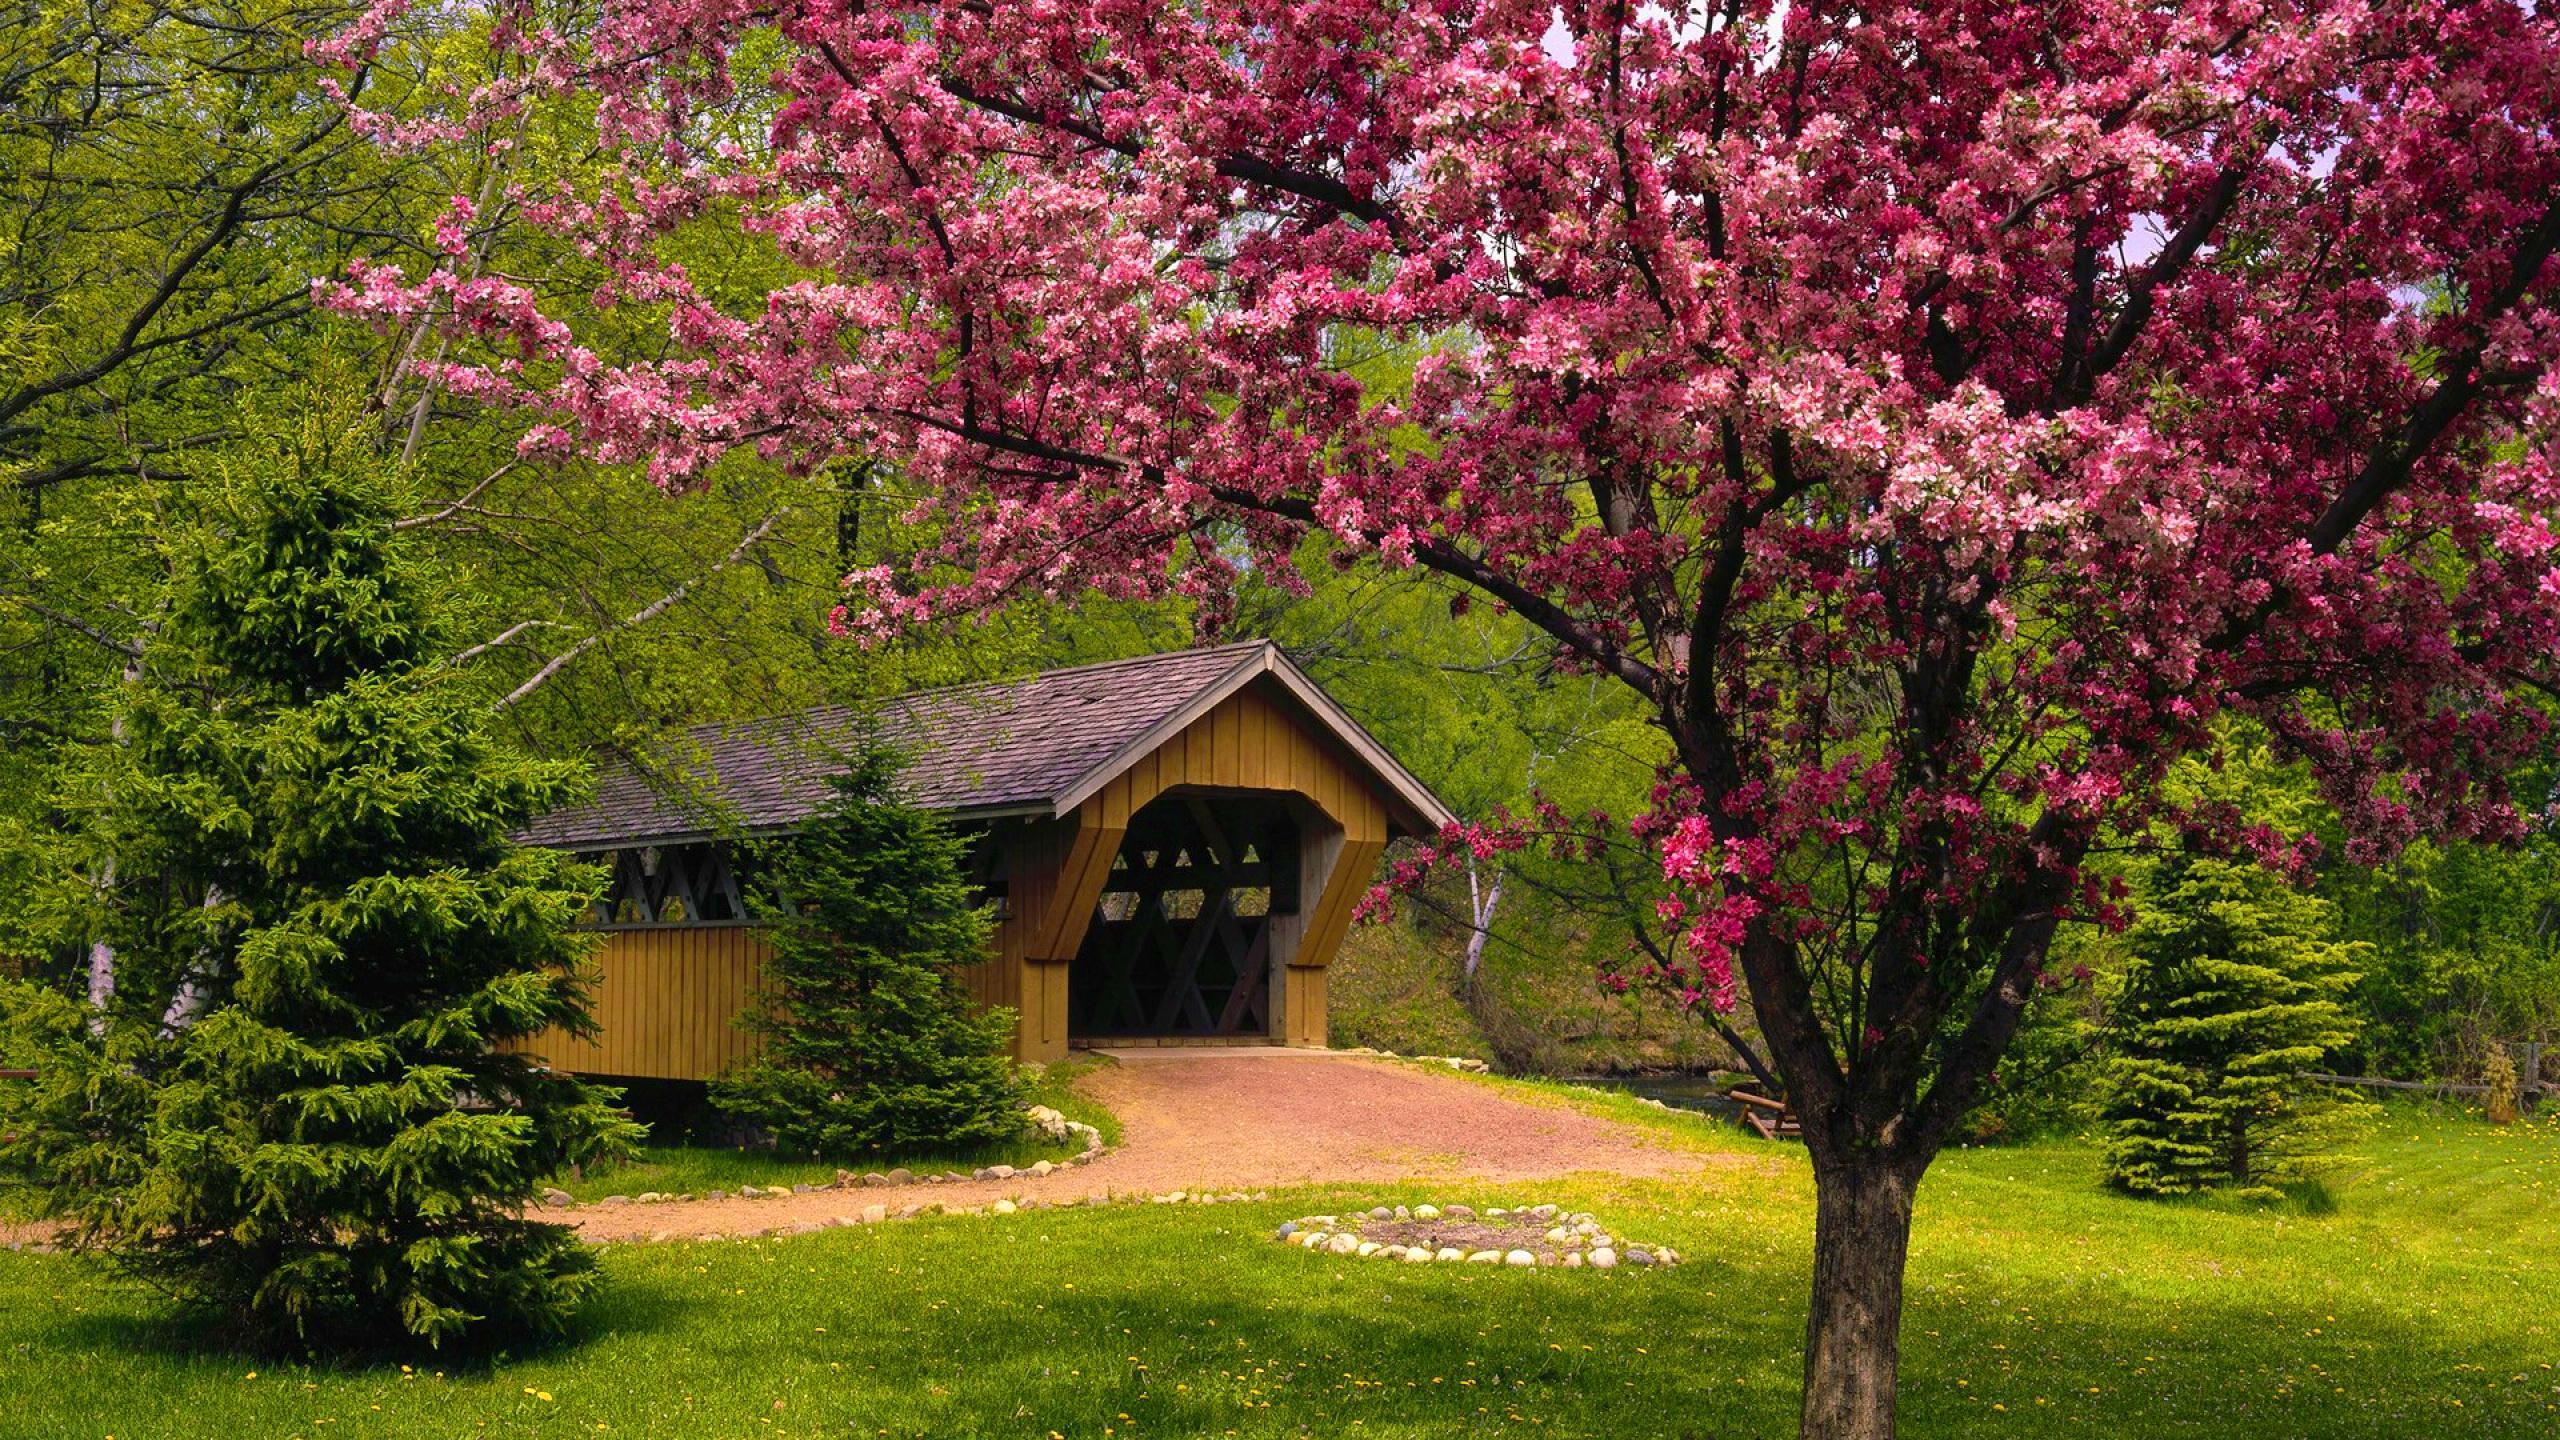 Spring Season Wallpaper Backgrounds - Best Wallpaper Foto In